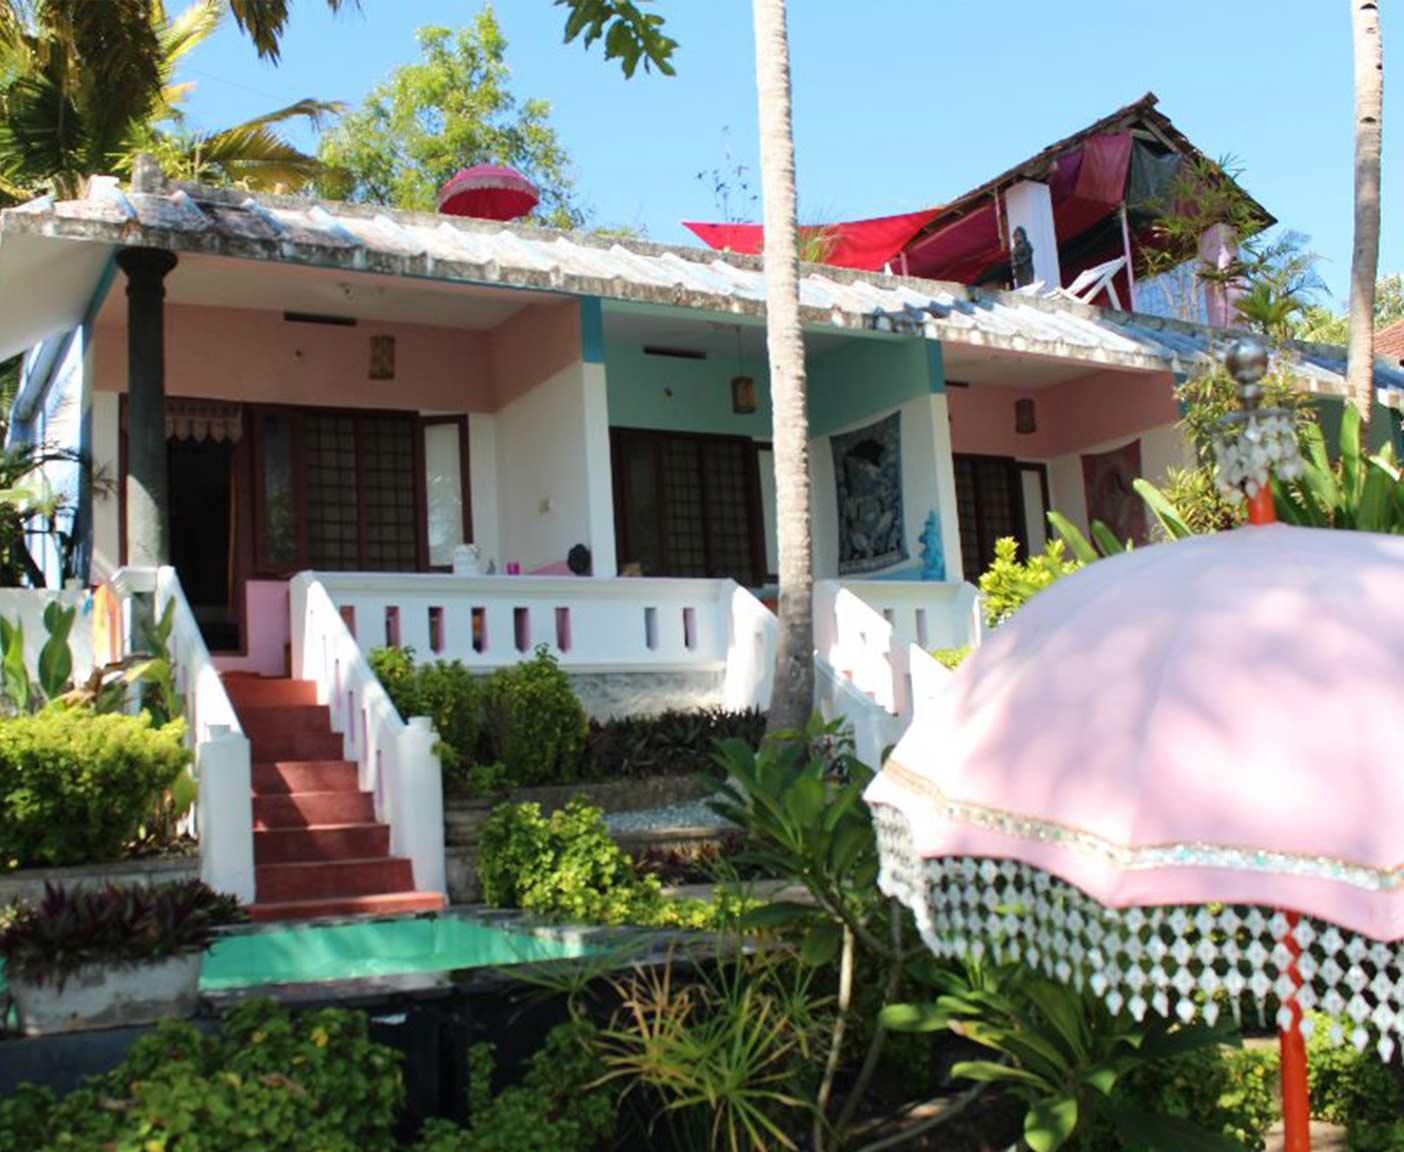 indien-kerala-strand-resort-bungalow